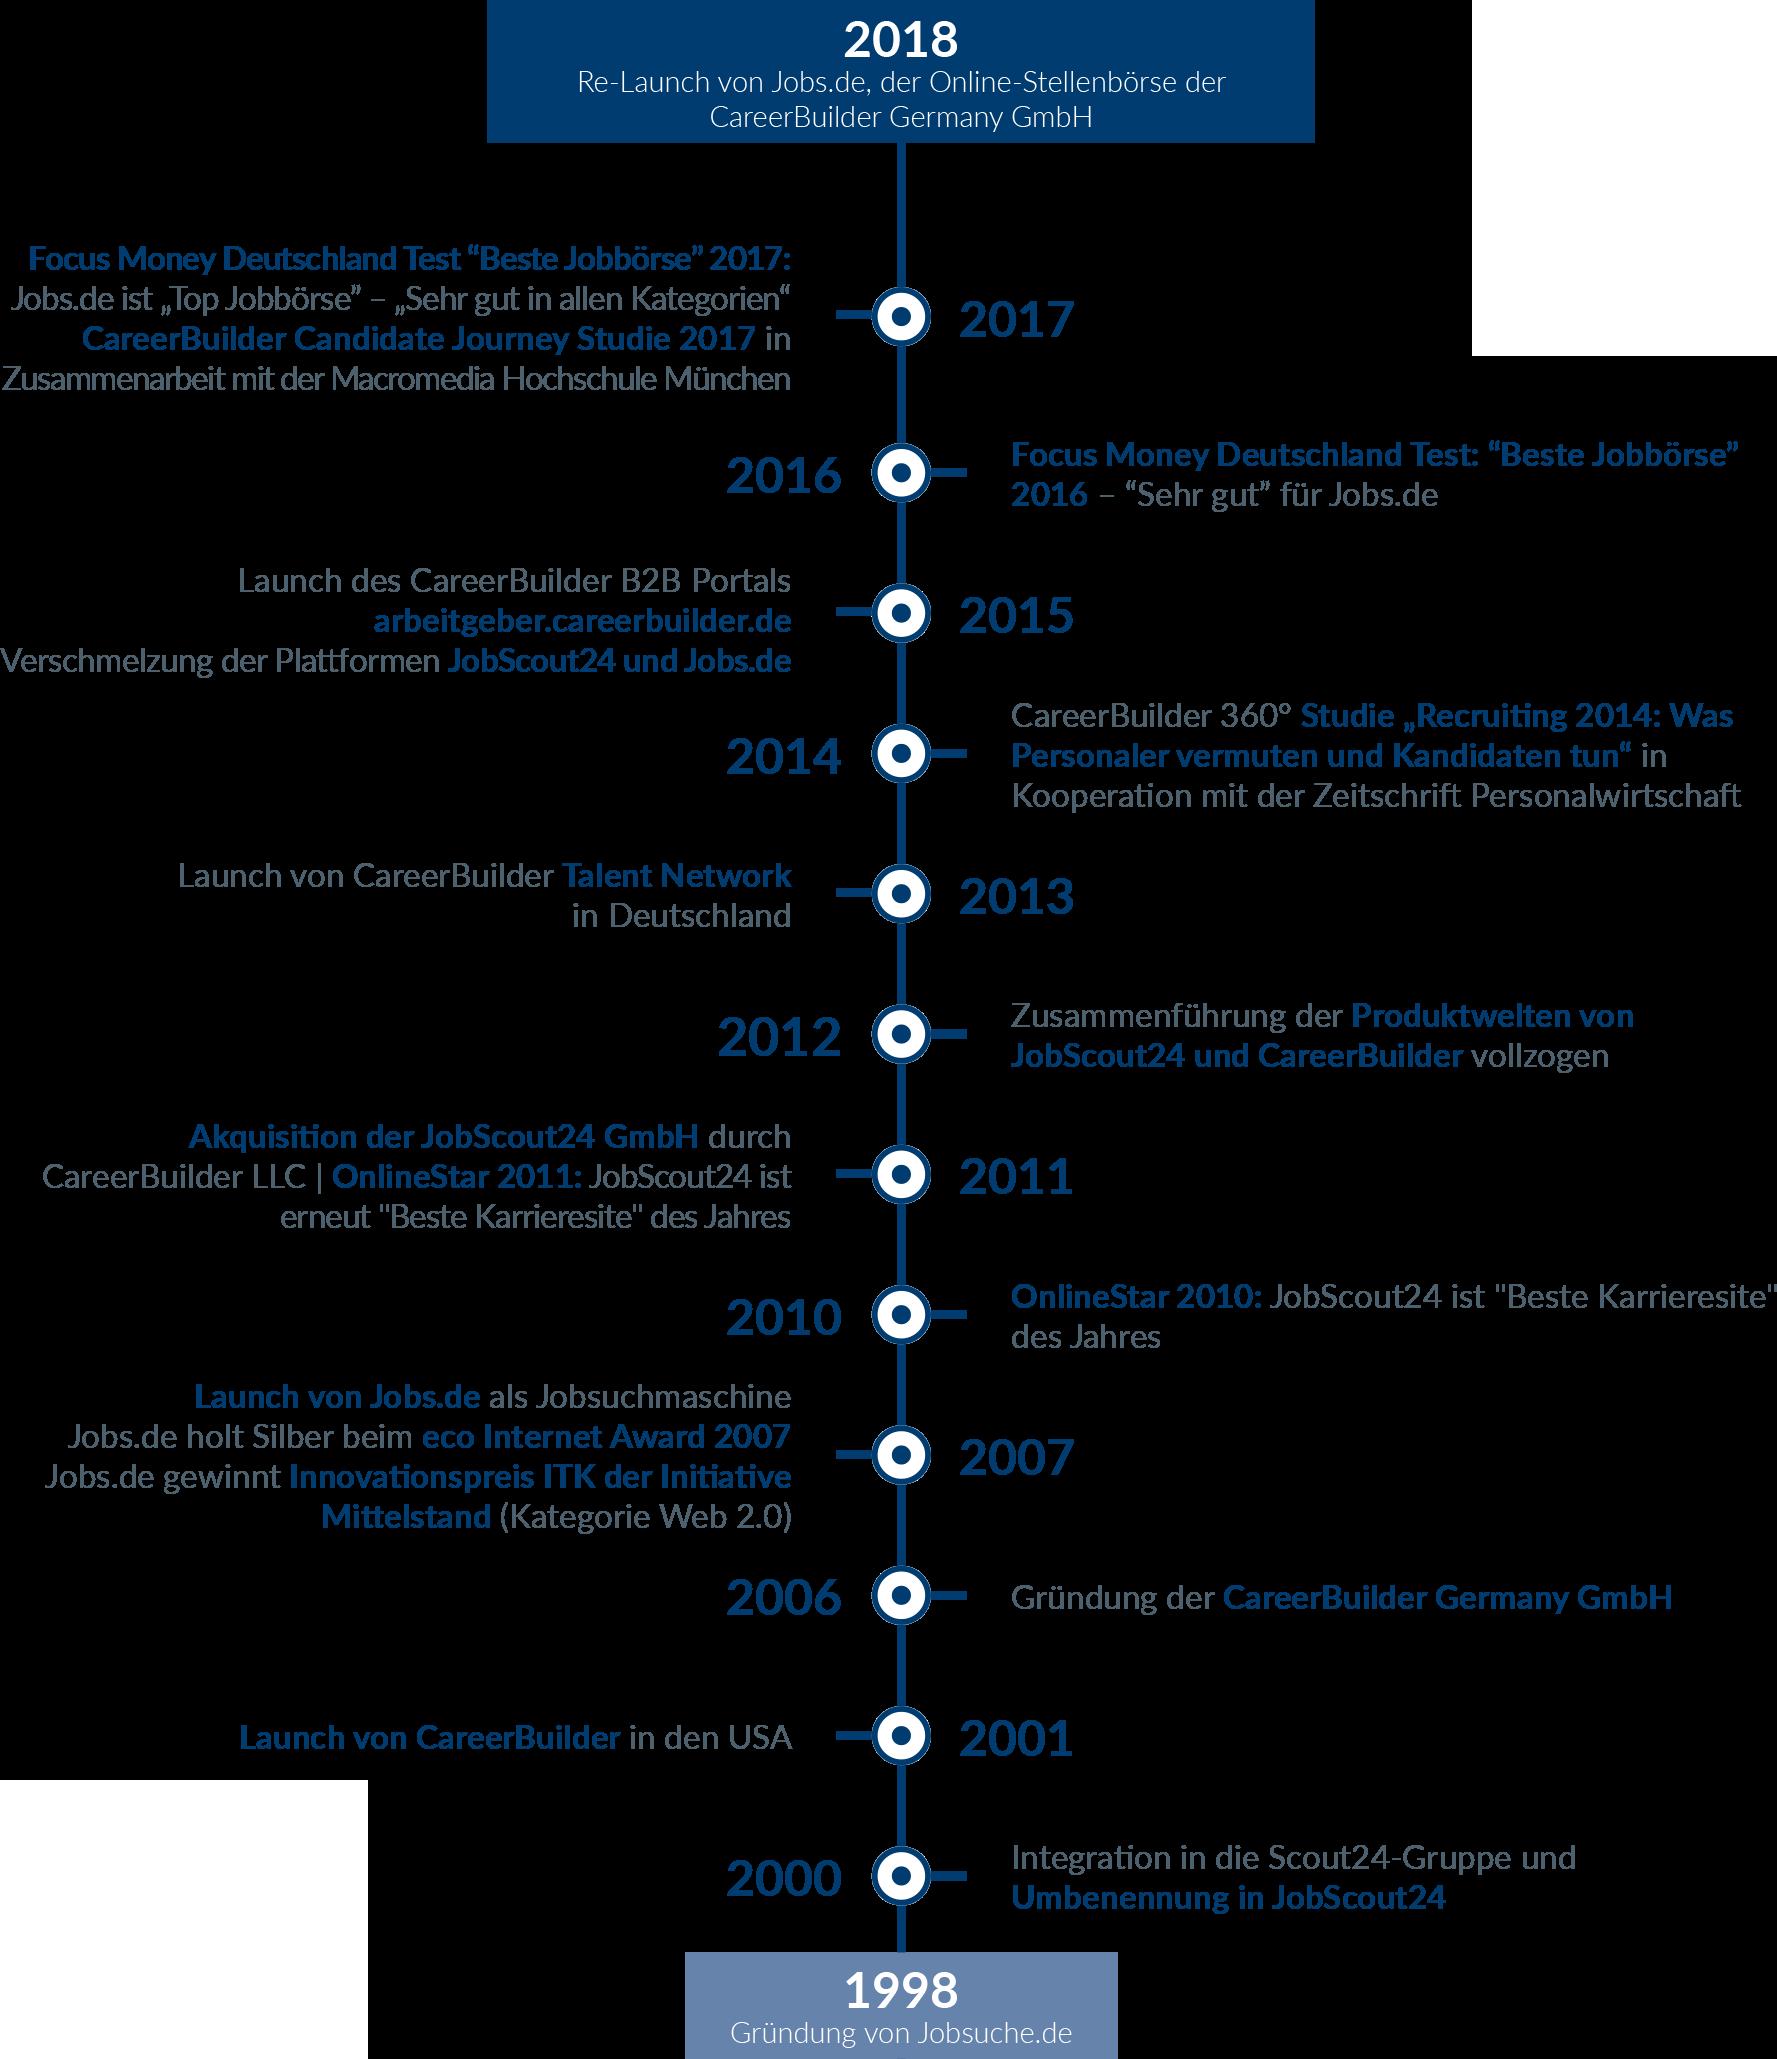 Corporate_Brochure_DE-timeline.png